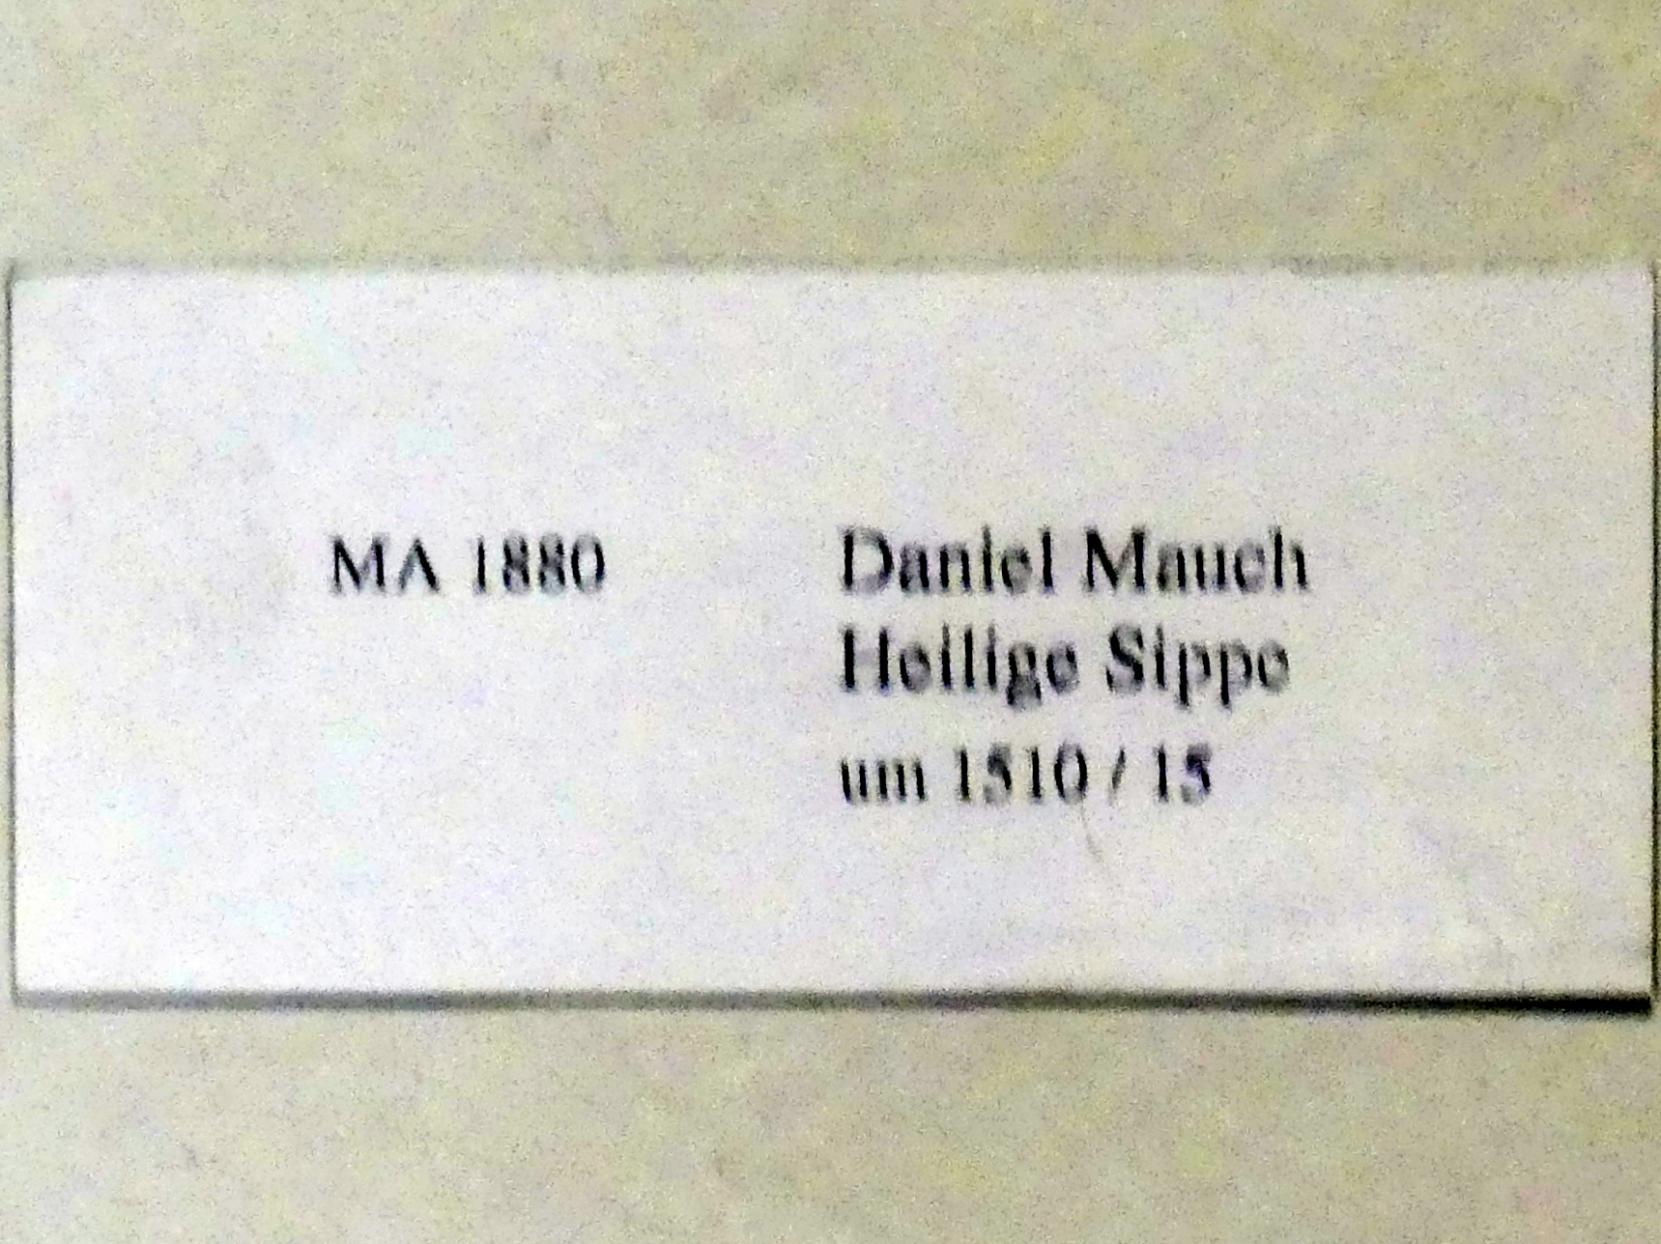 Daniel Mauch: Heilige Sippe, um 1510 - 1515, Bild 2/2